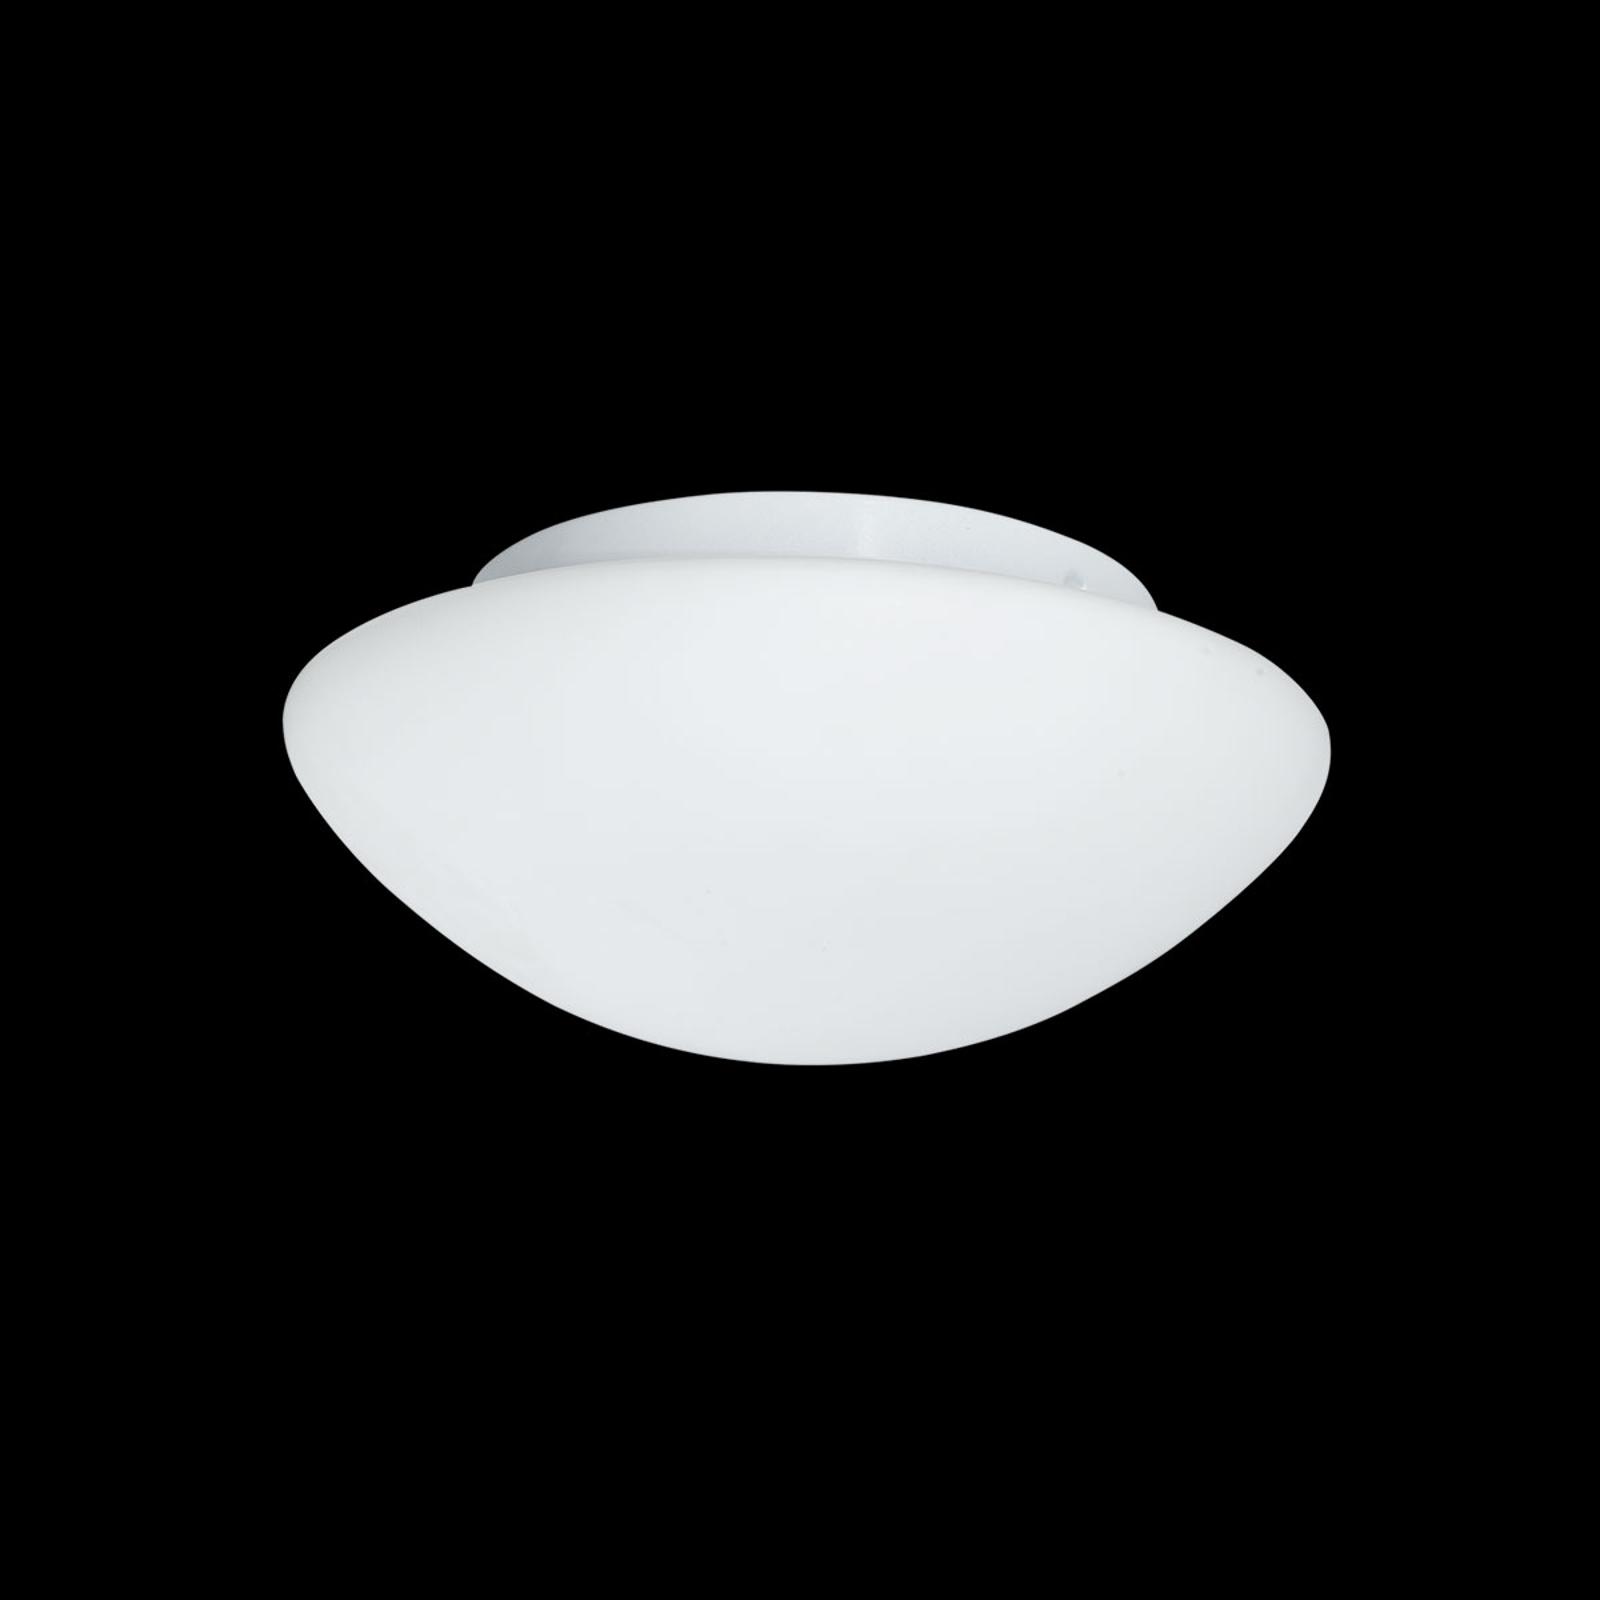 Szklana lampa sufitowa zewnętrzna Wayne 23 cm IP44